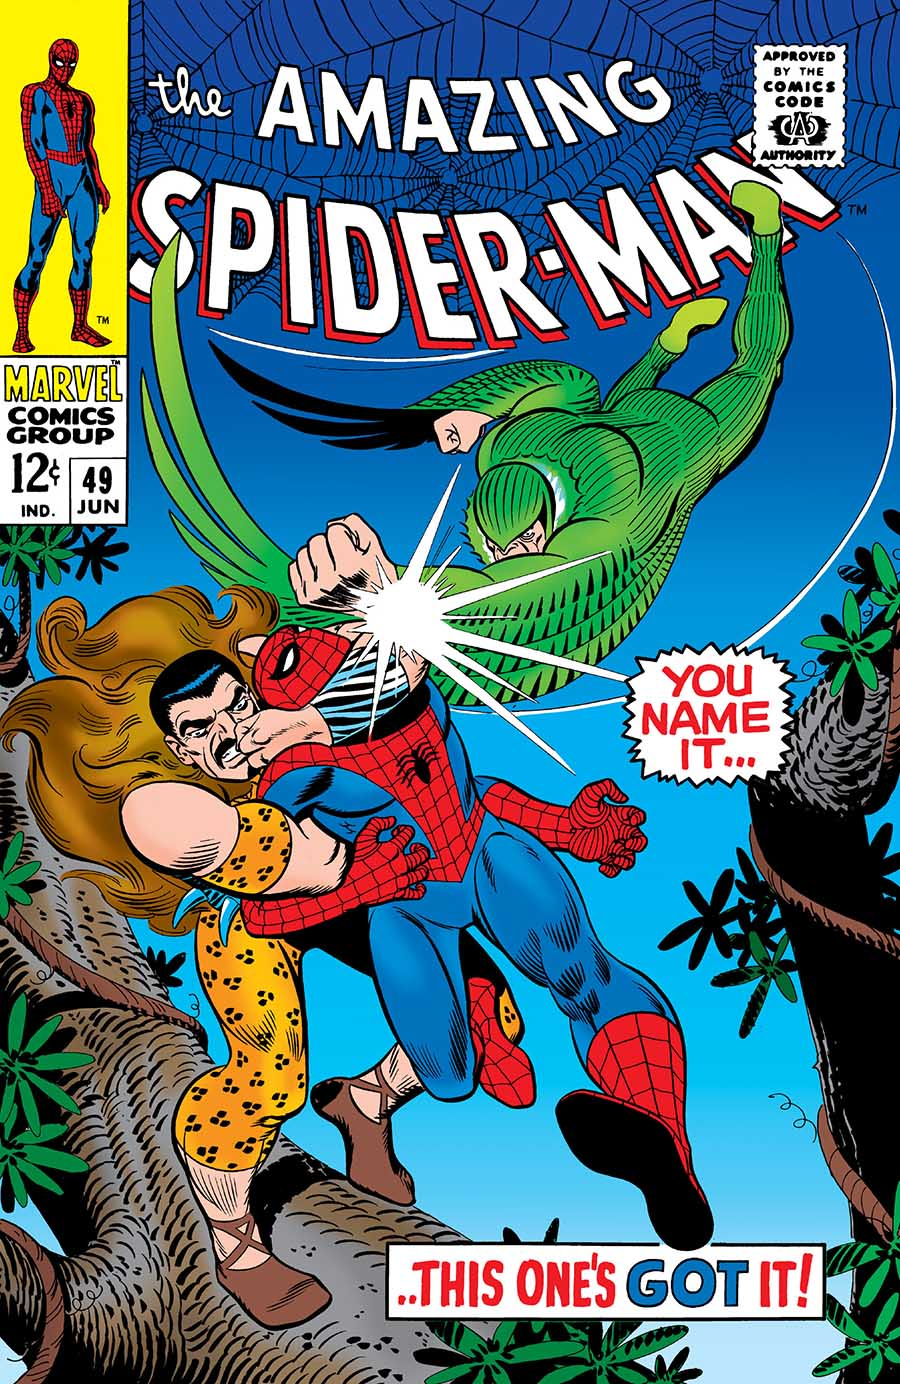 Portadas de cómics Amazing-Spider-Man-49-1967-kraven-vulture-blackie-drago-buitre-resfriado-marvel-comics-1